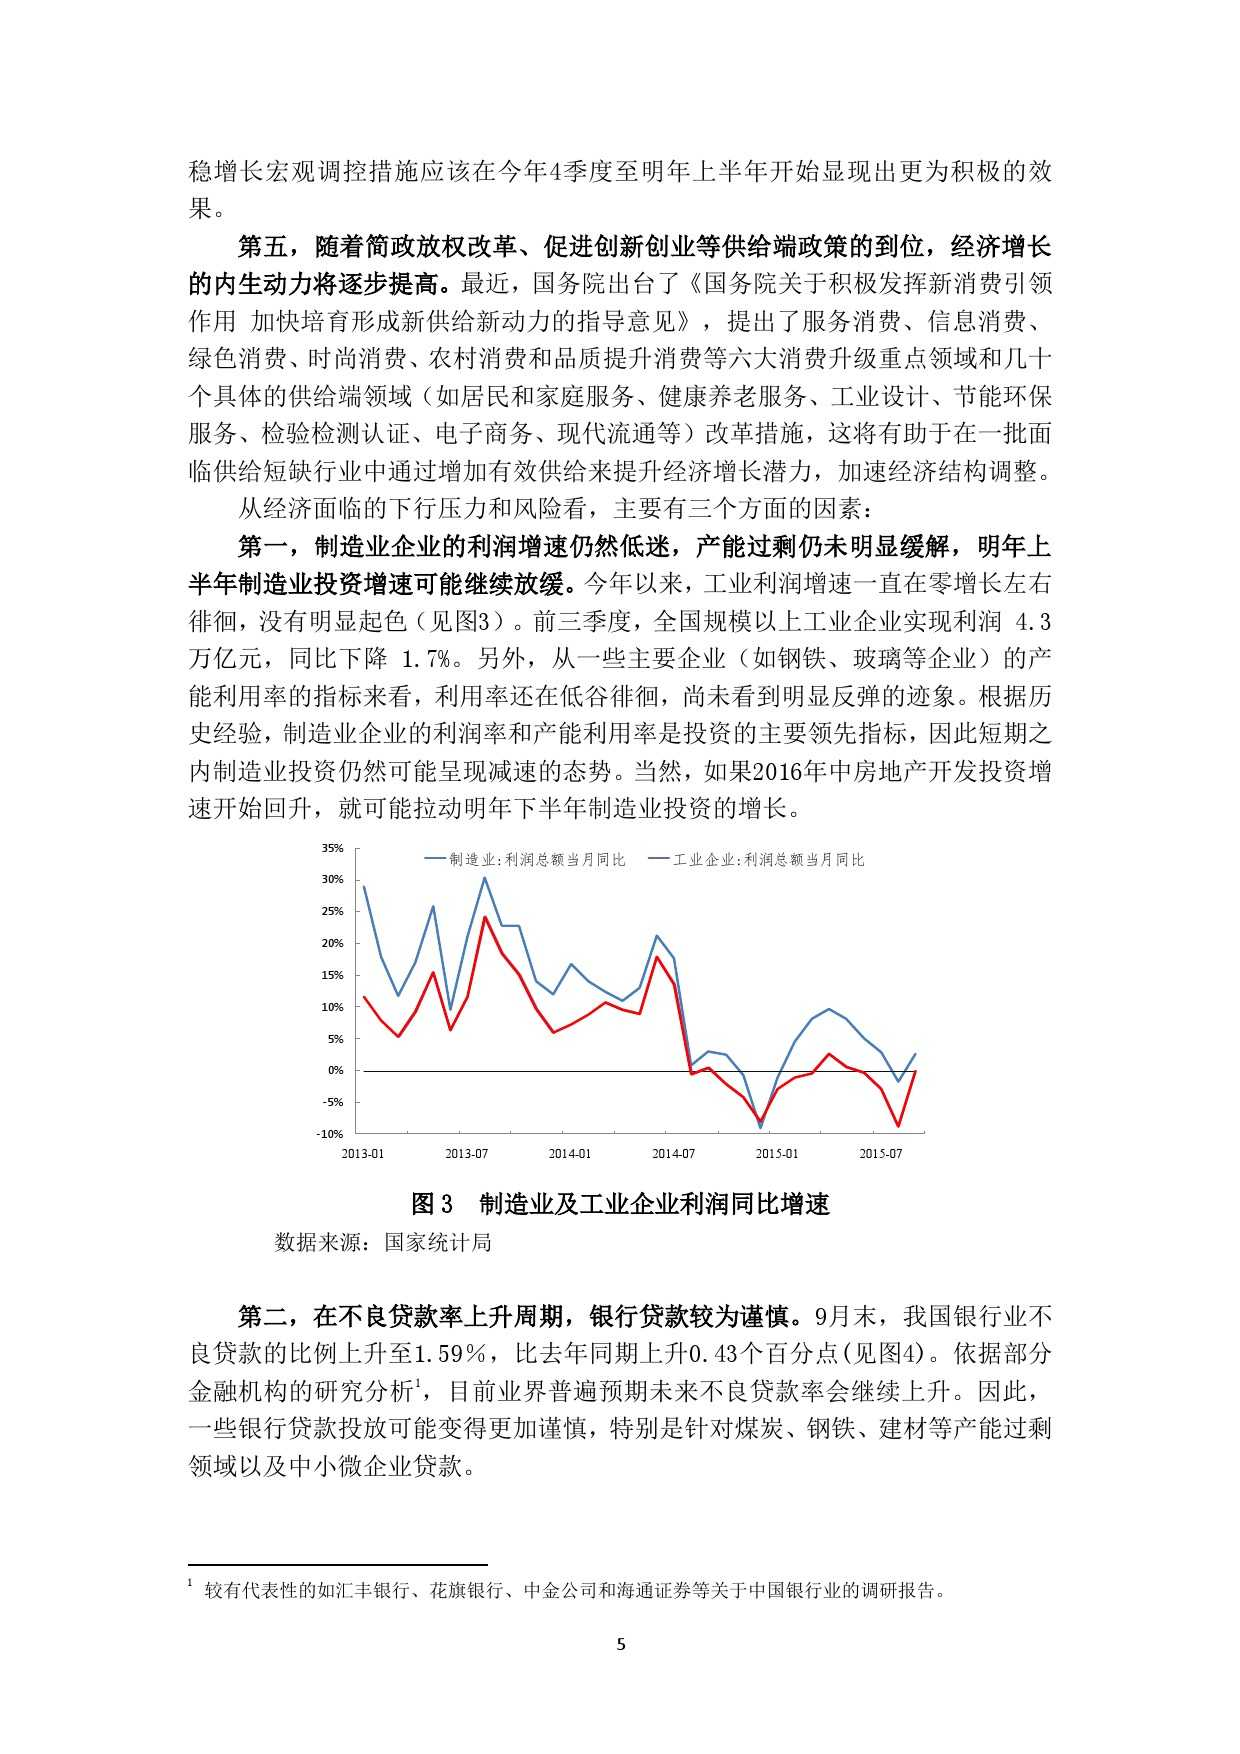 中国人民银行:2016 年中国宏观经济预测_000005